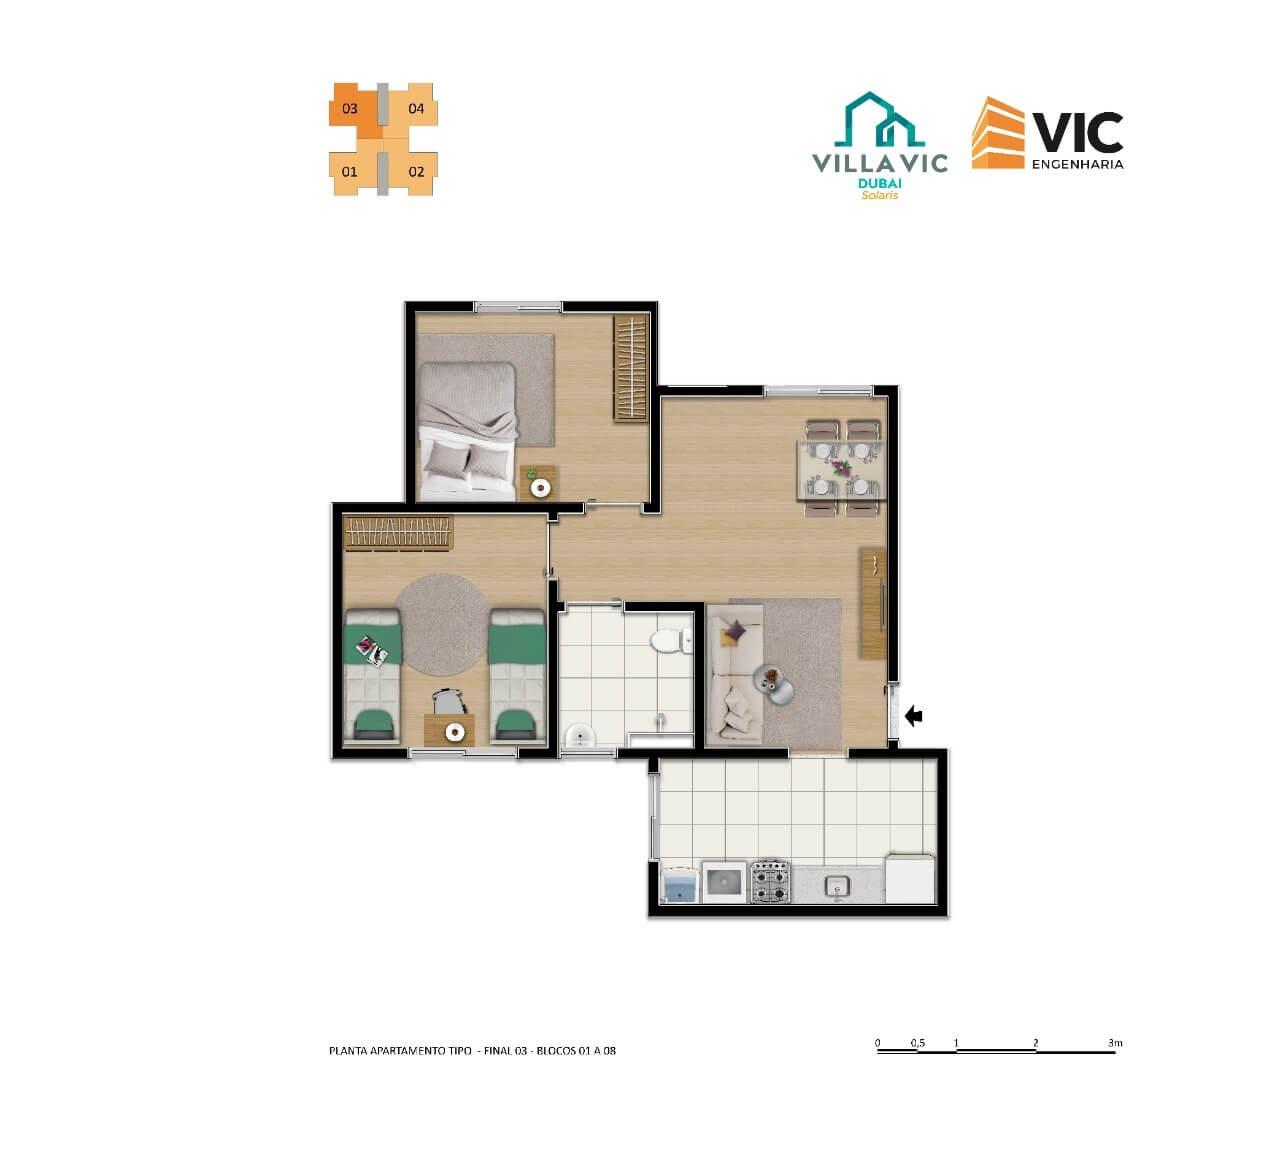 vic-engenharia-villa-vic-dubai-solaris-apartamento-tipo-bloco-1-a-8-final-3 (1)